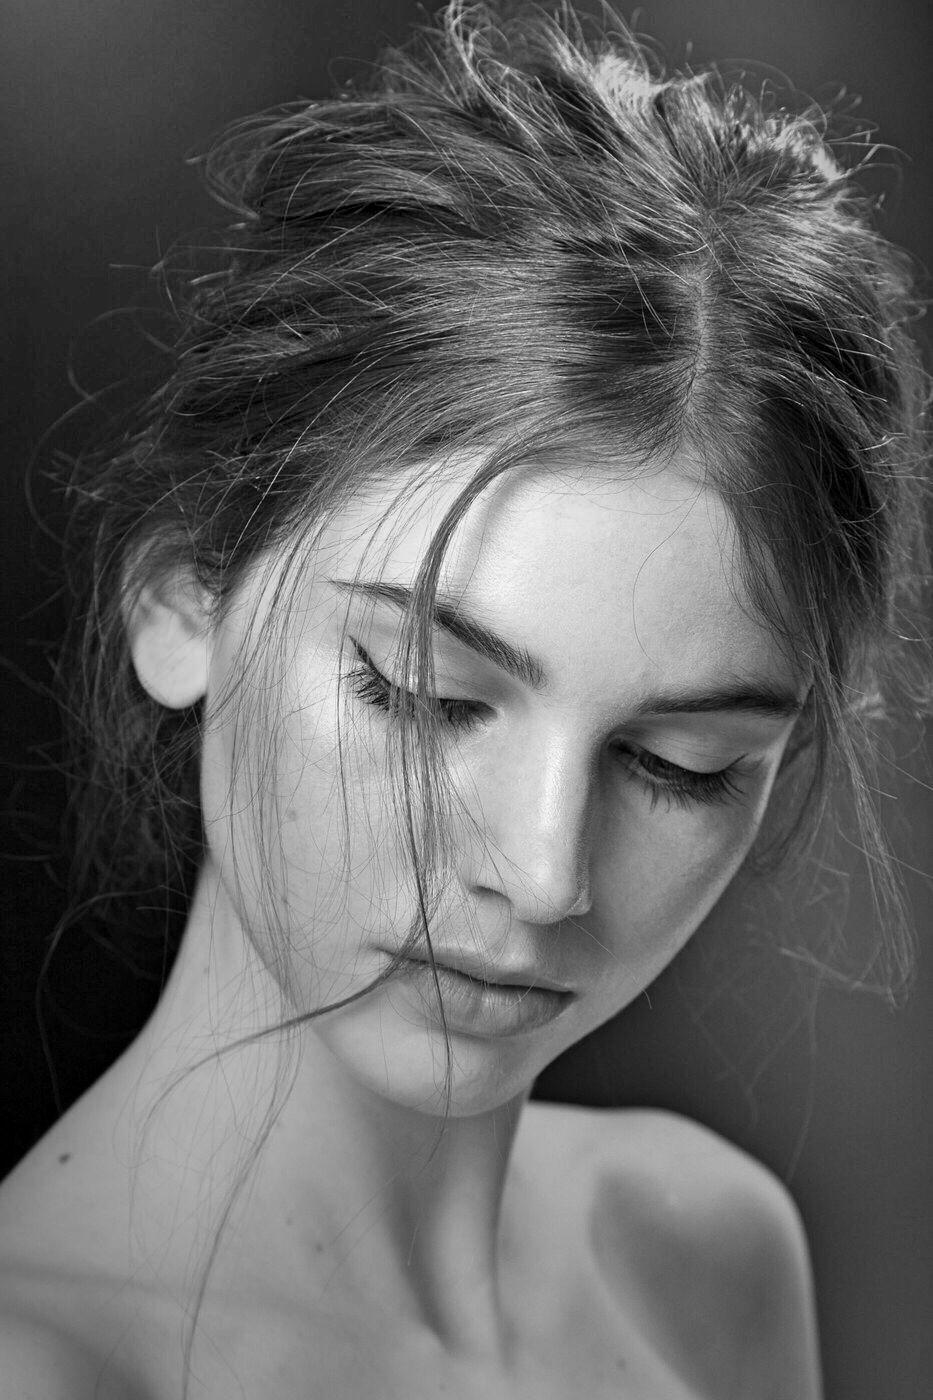 Black and white photo girls